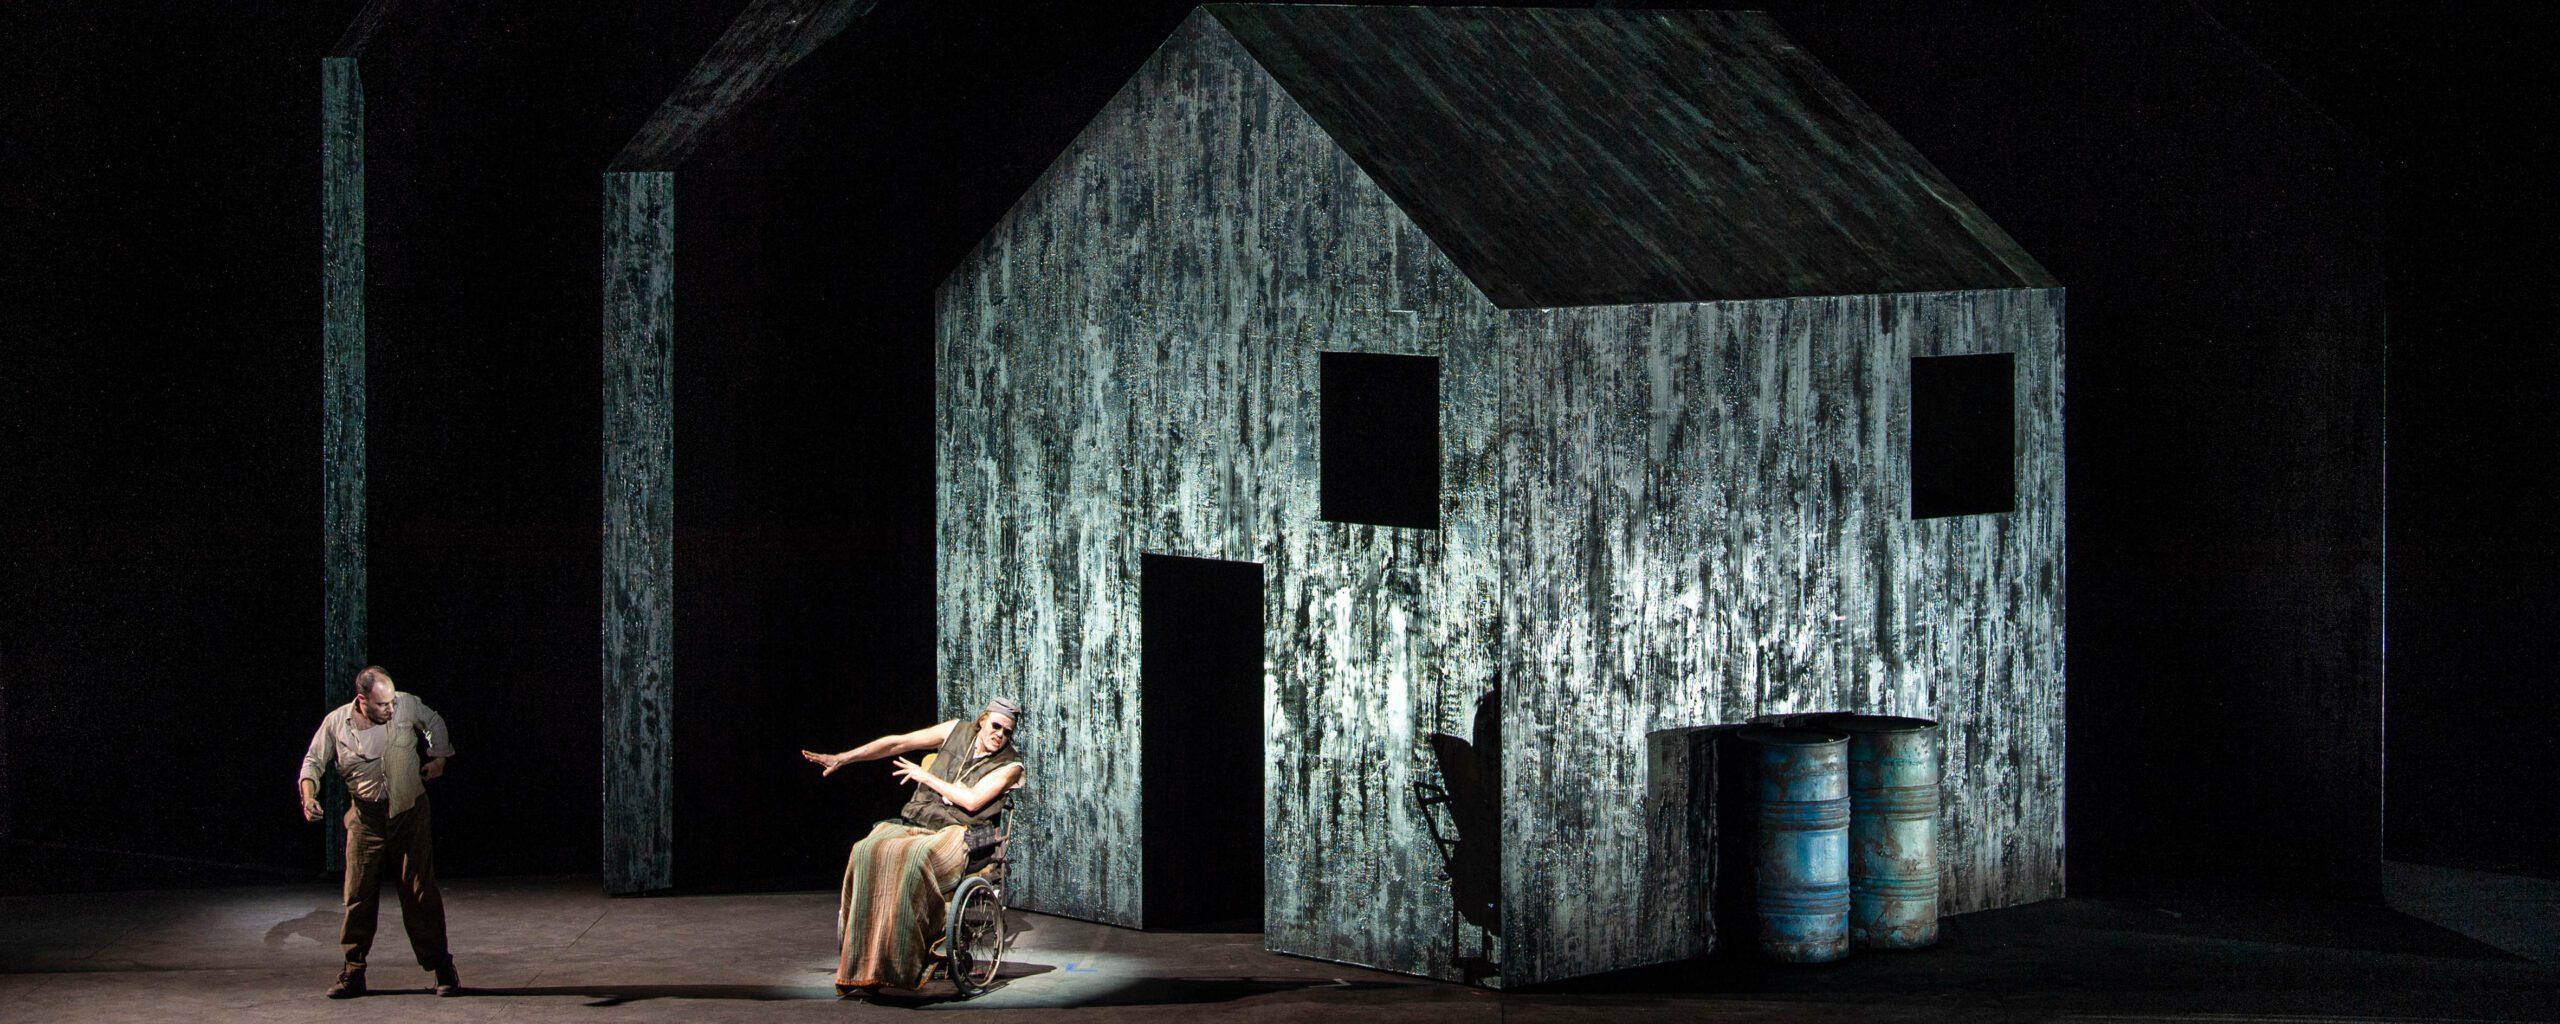 Fin de partie Ópera de Kurtág Palau de les Arts Les Arts És Òpera